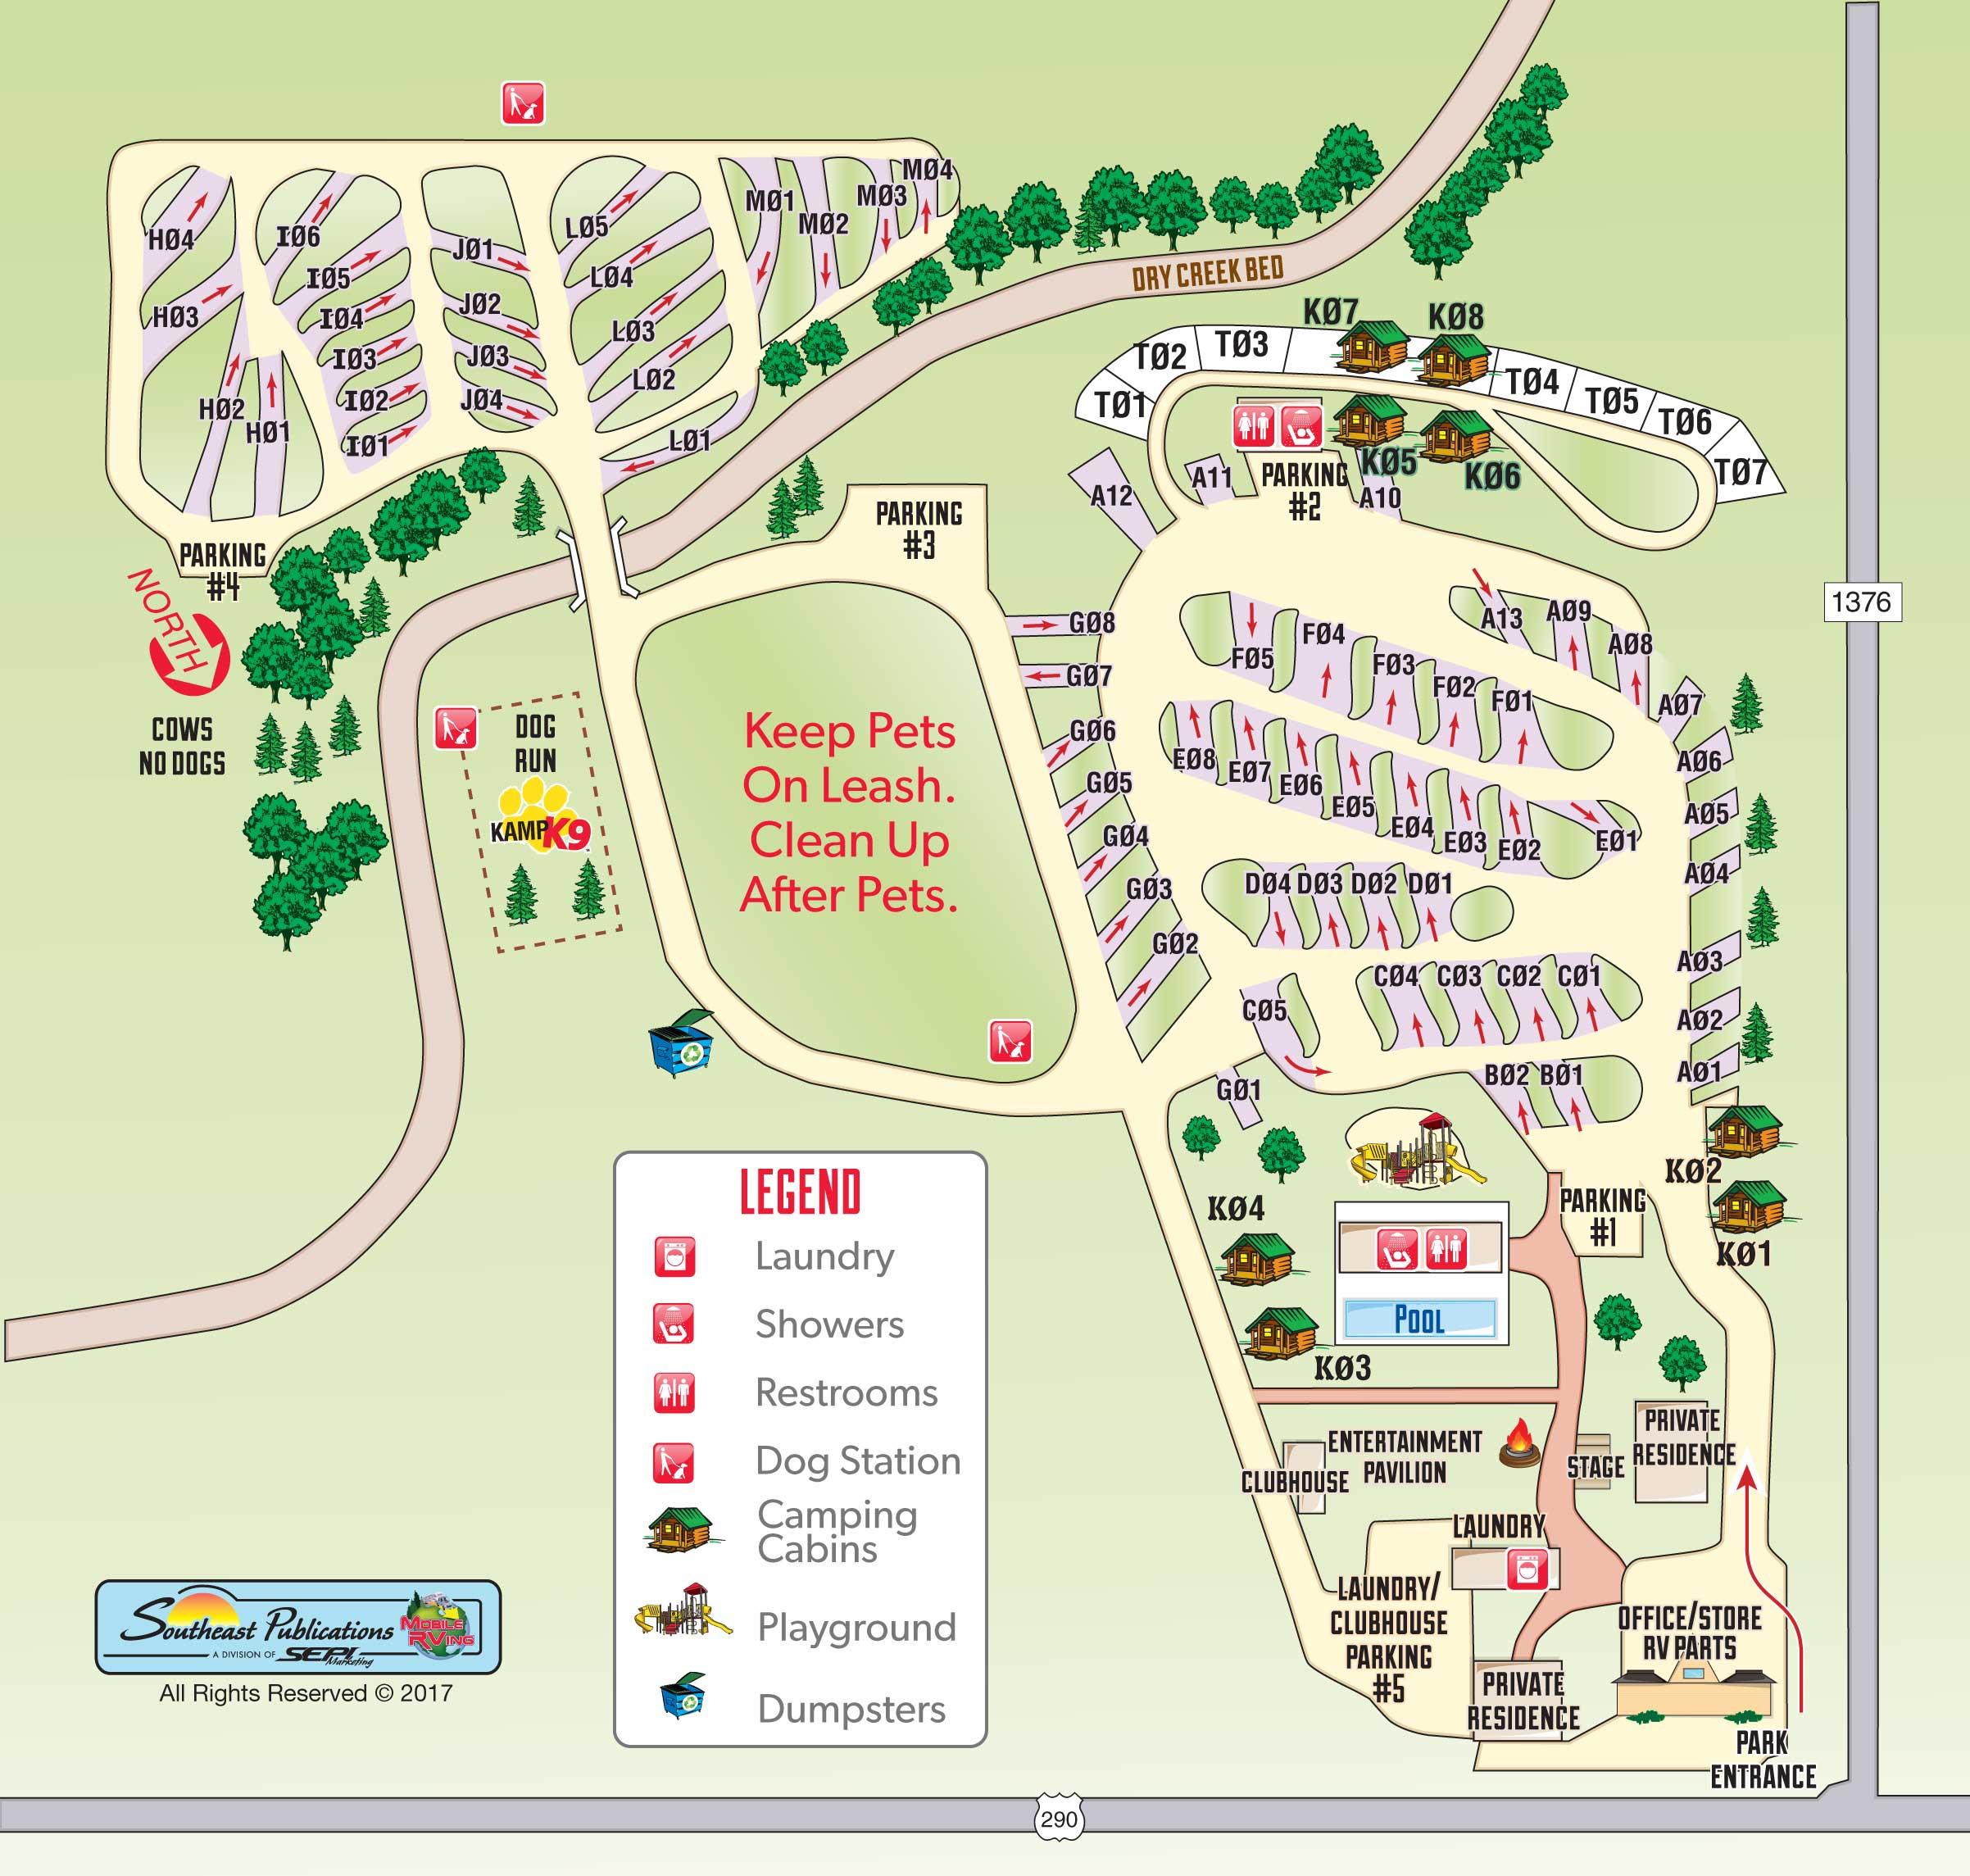 fredericksburg koa map - RV Family Travel Atlas